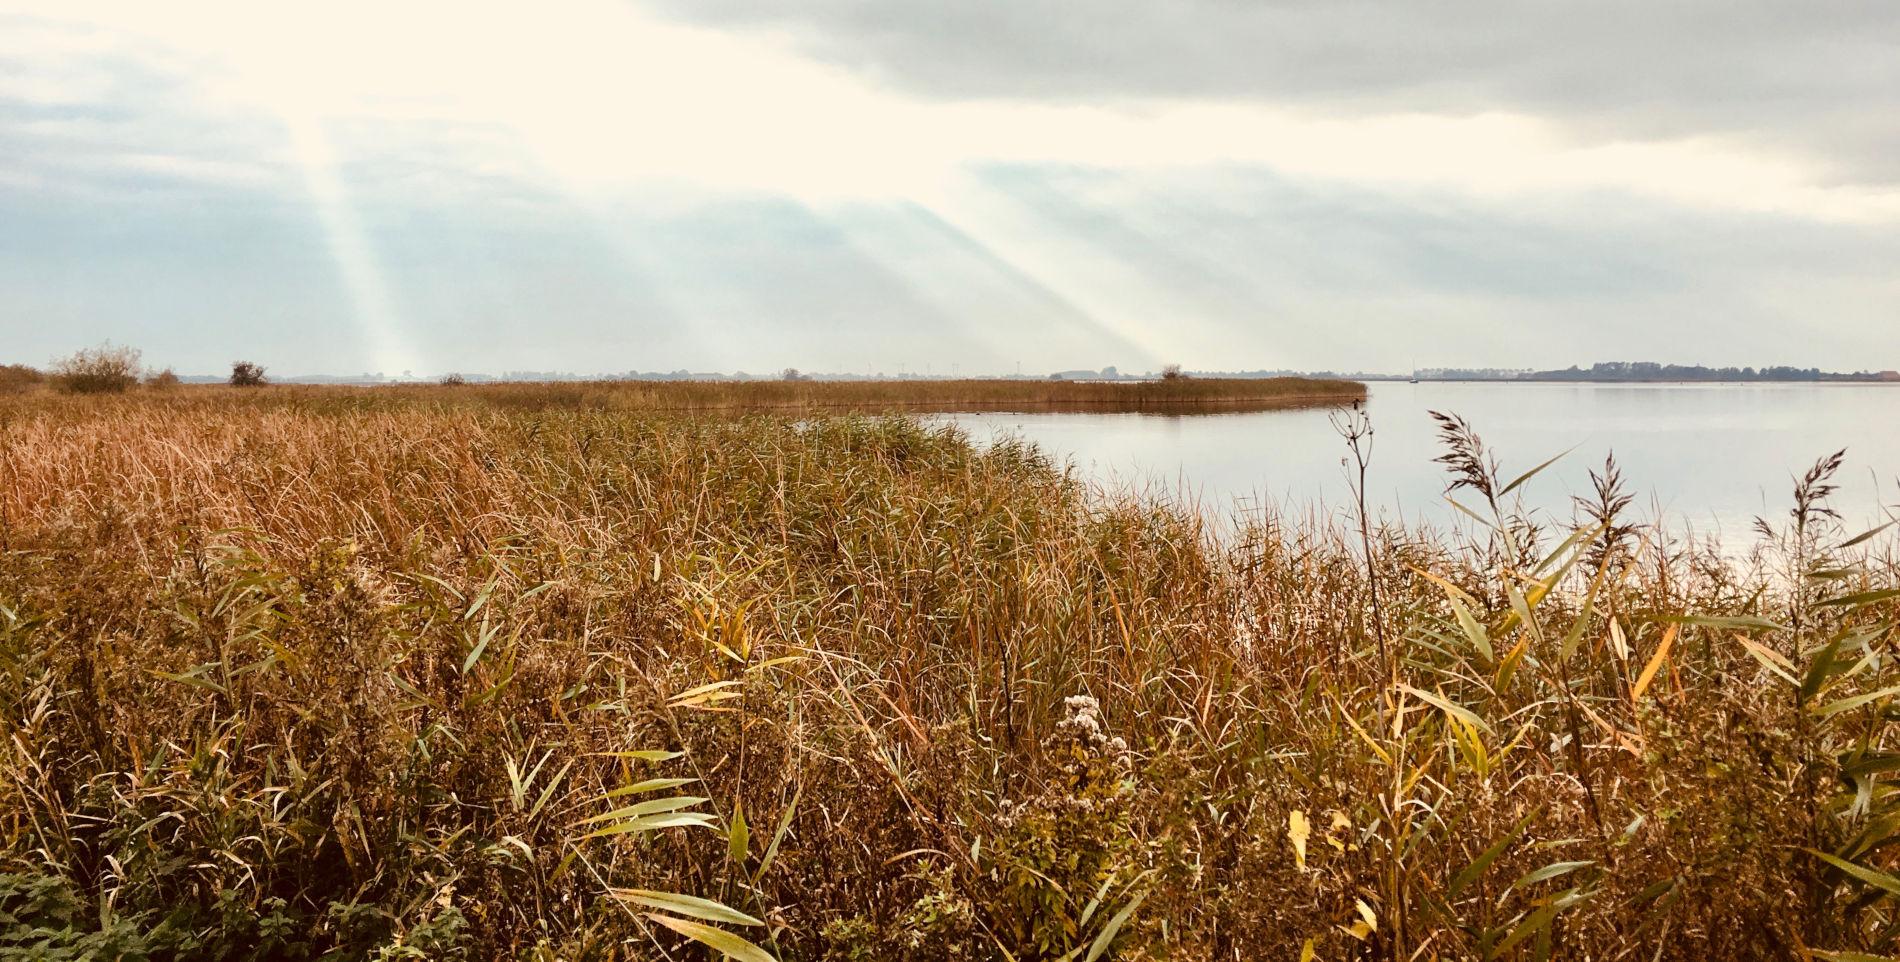 Riet bij de Morra in de omgeving van vakantiewoning Aquaholic aan het water in Friesland